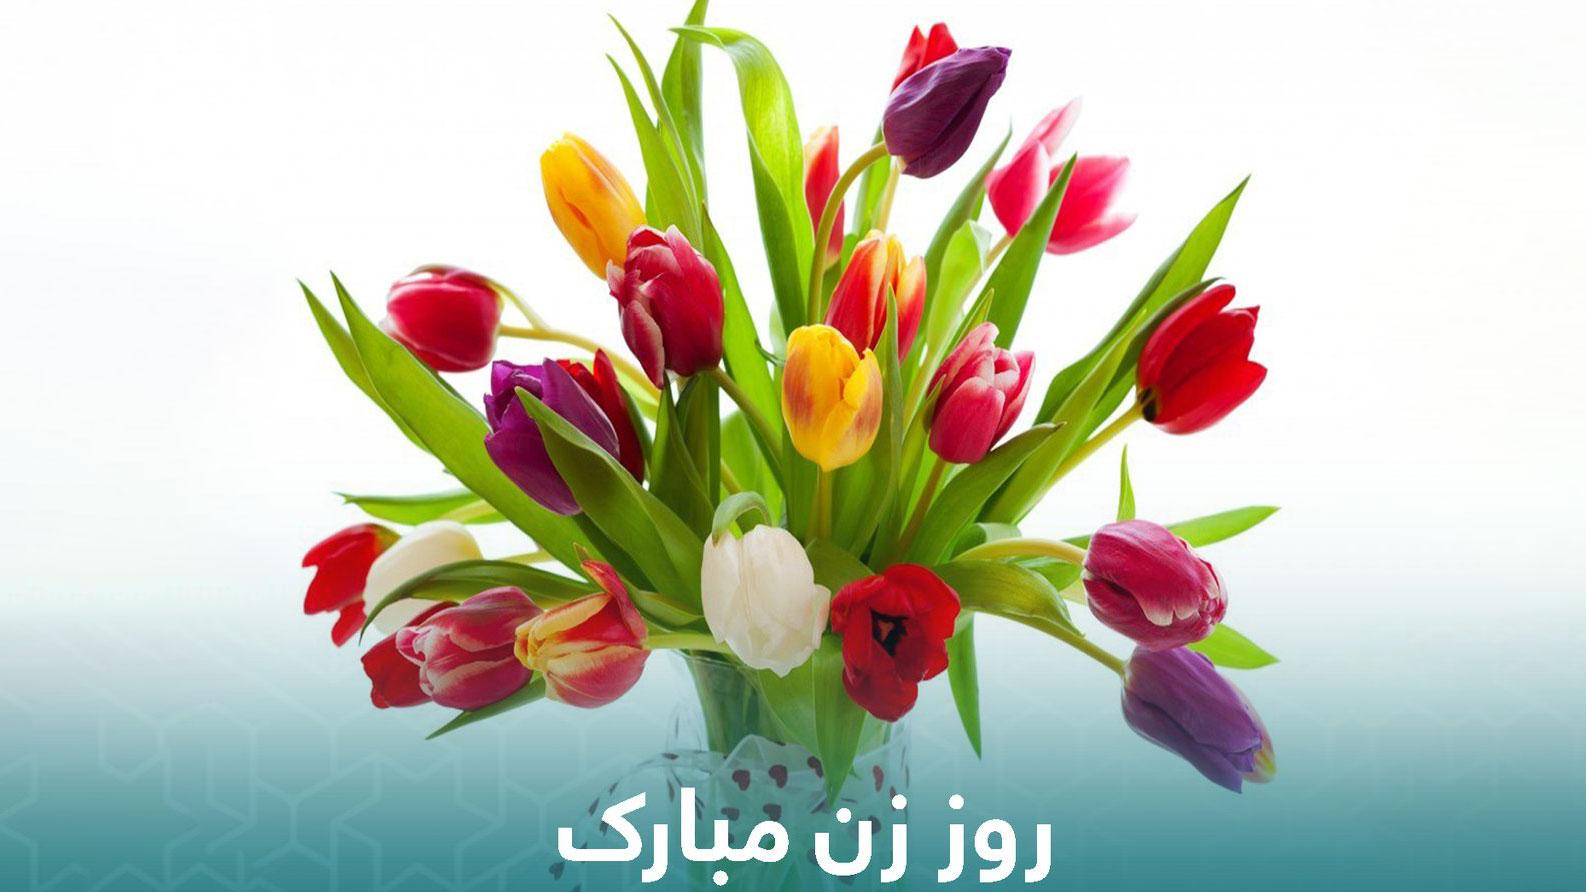 تاریخ روز مادر ۹۷ + روز زن سال ۹۷ چه روزی است؟